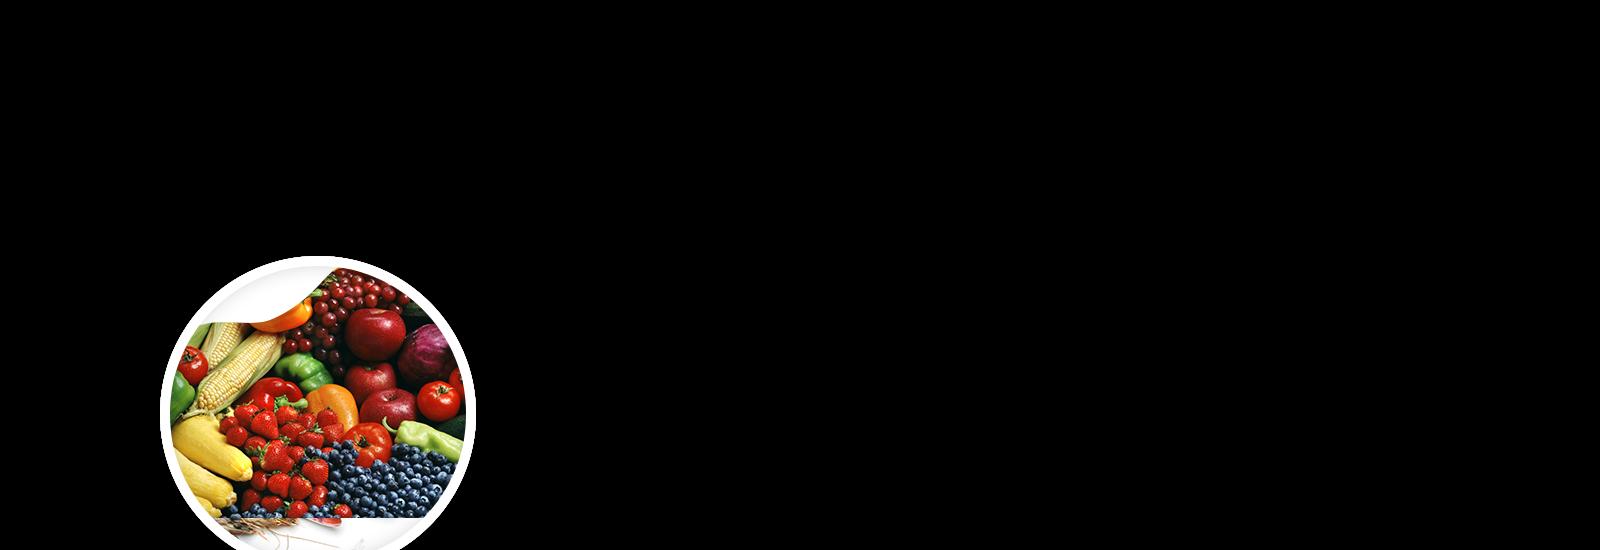 1.jpg.png